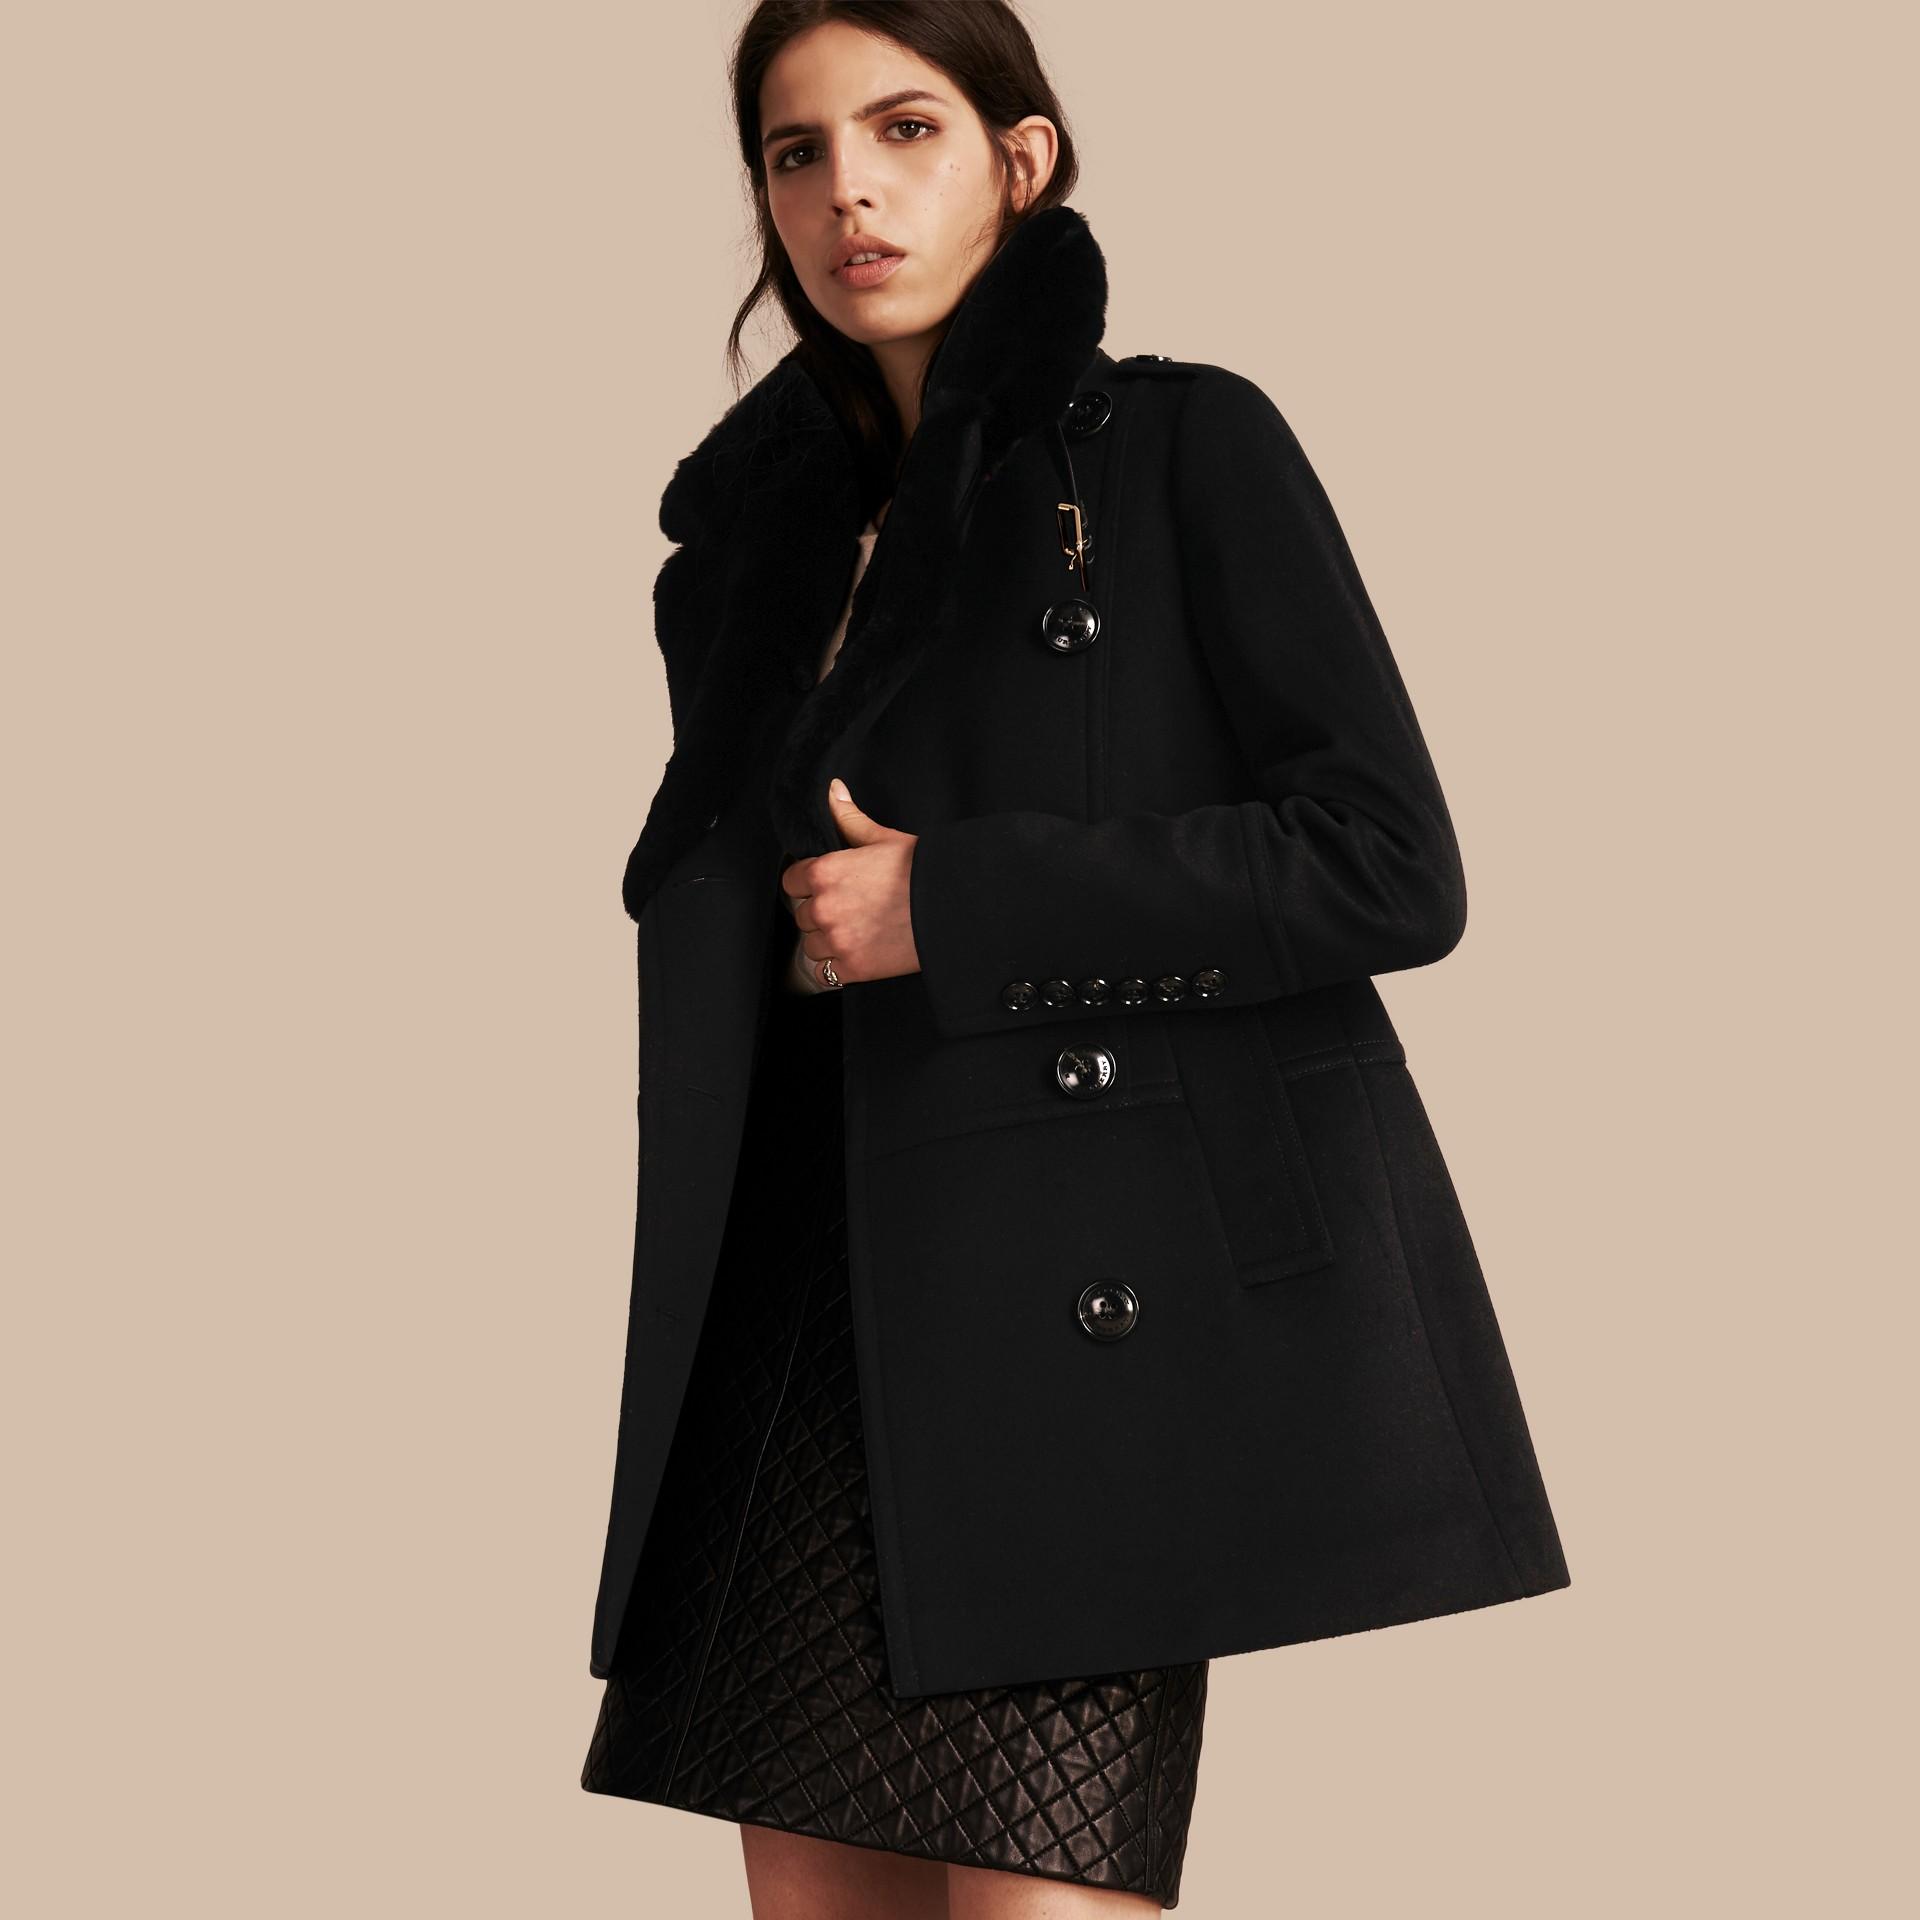 Nero Pea coat in lana e cashmere con collo amovibile in pelliccia - immagine della galleria 1